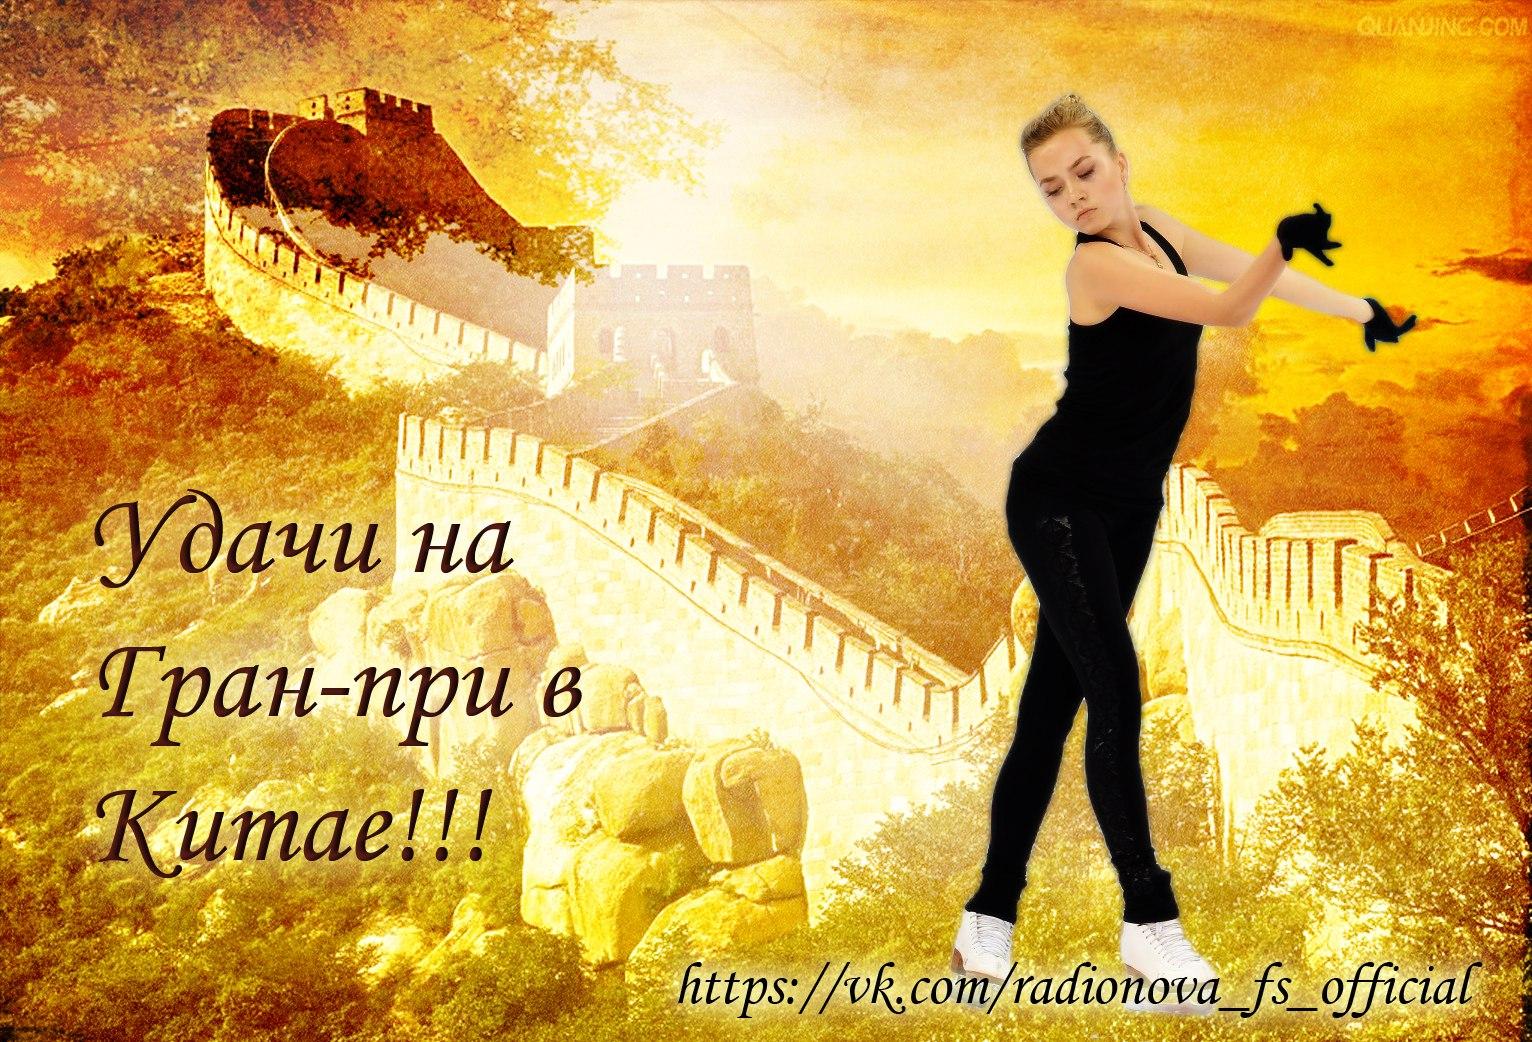 Елена Радионова - 2 - Страница 3 90YswCxmG3M